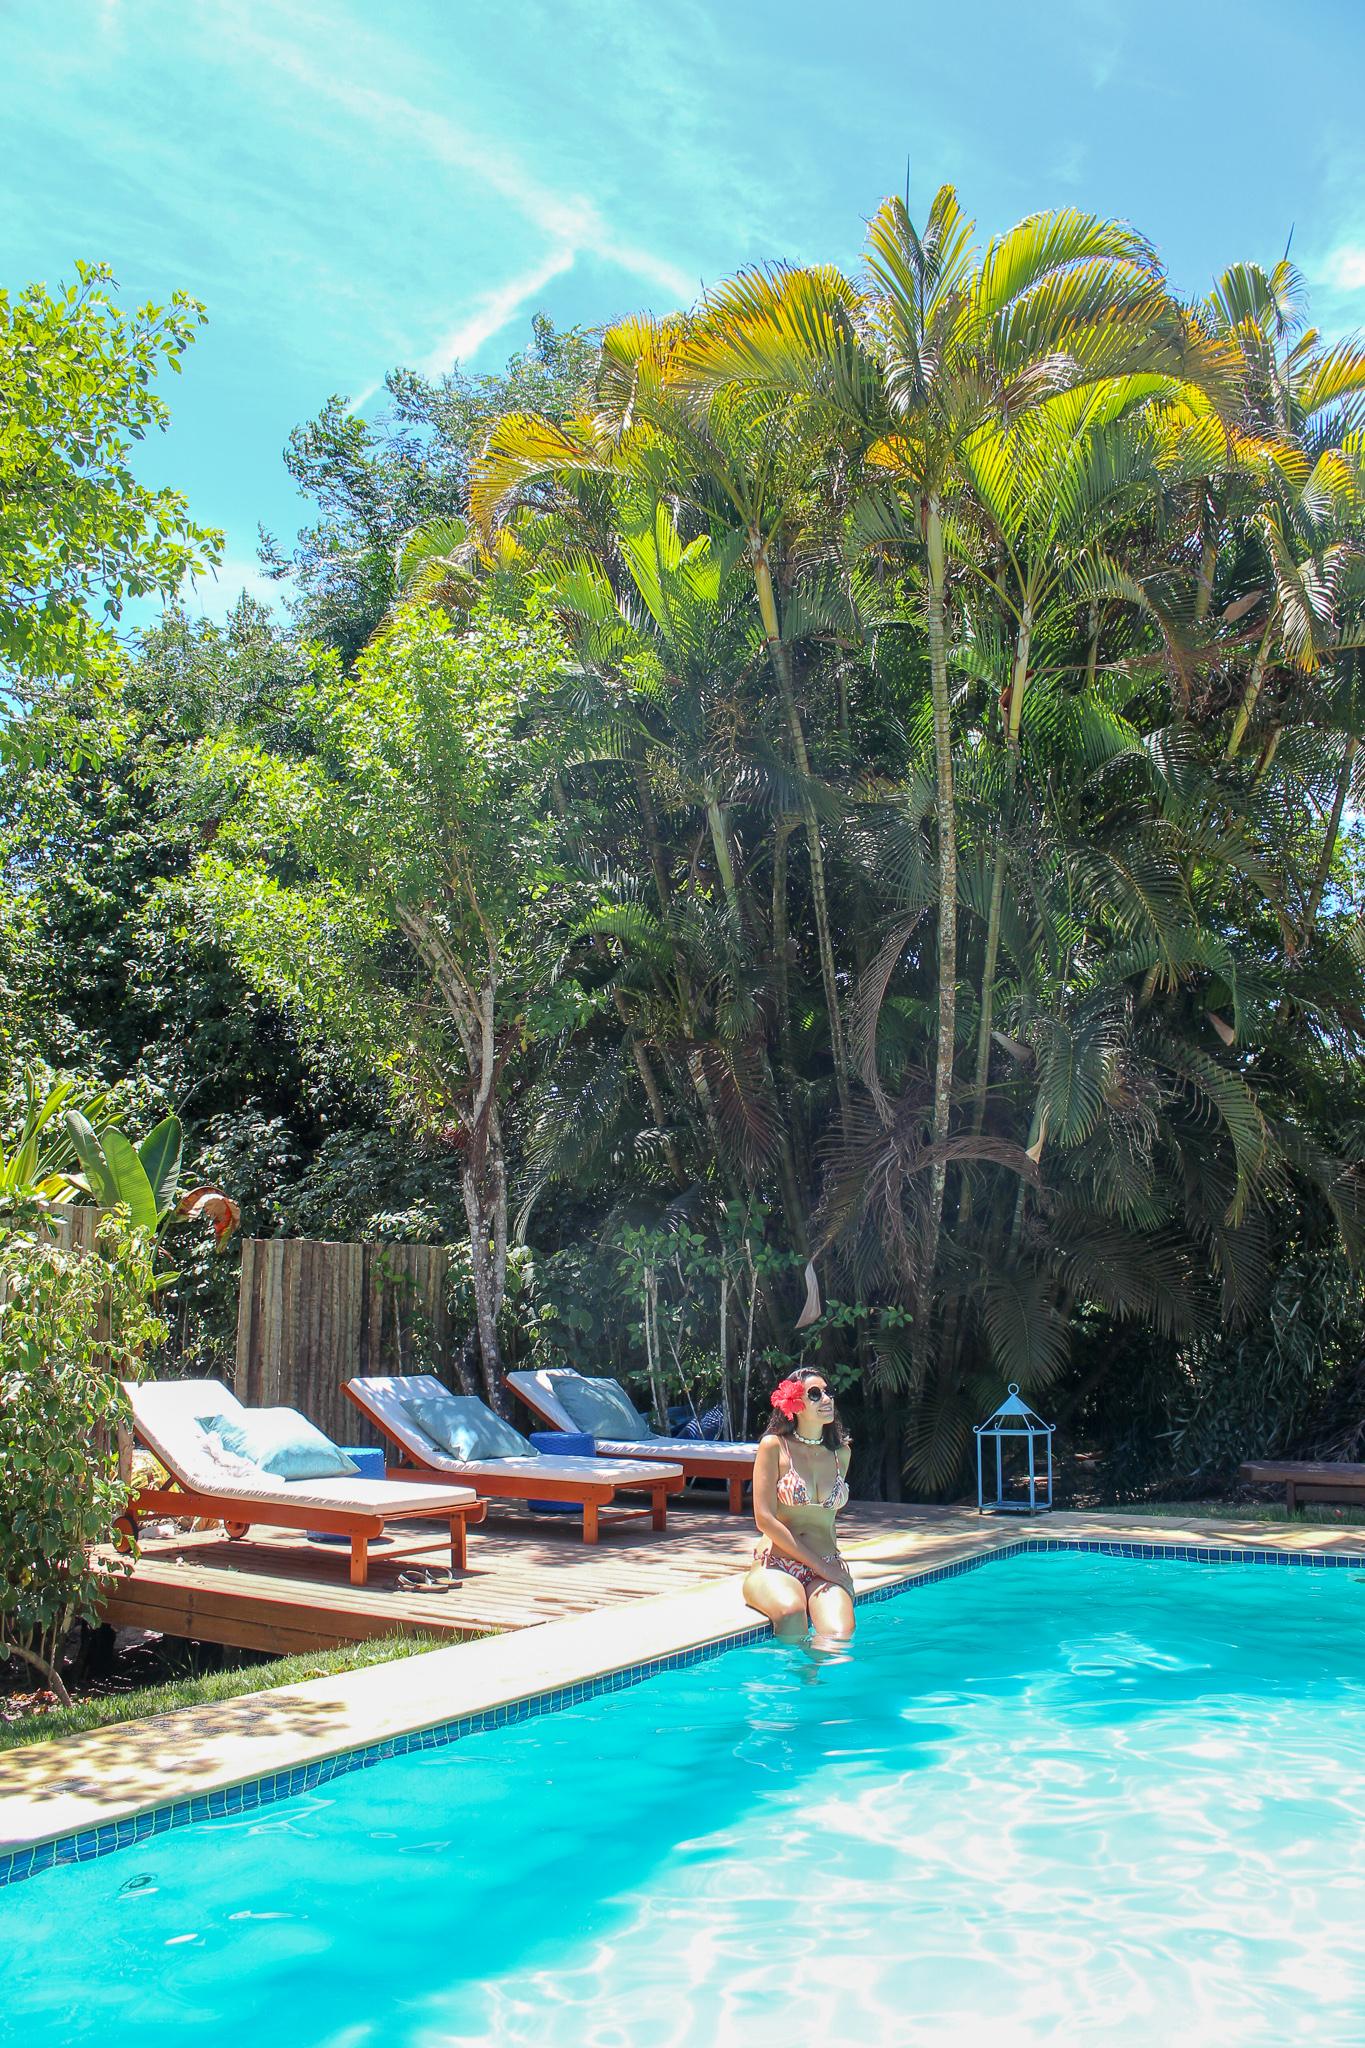 piscina_mata_nativa_pousada_trancoso